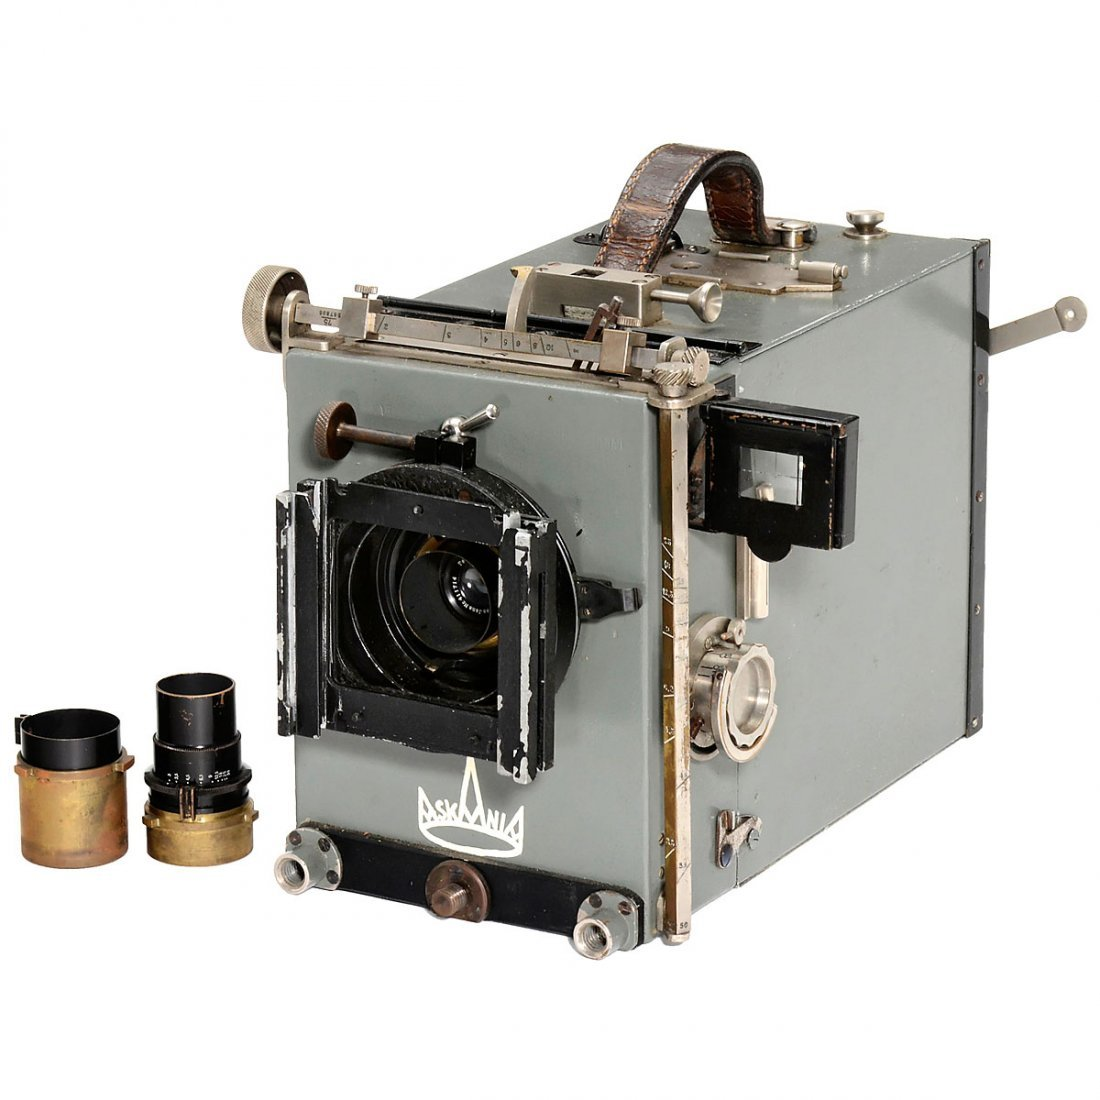 Askania-Universal 35mm Movie Camera, c. 1928